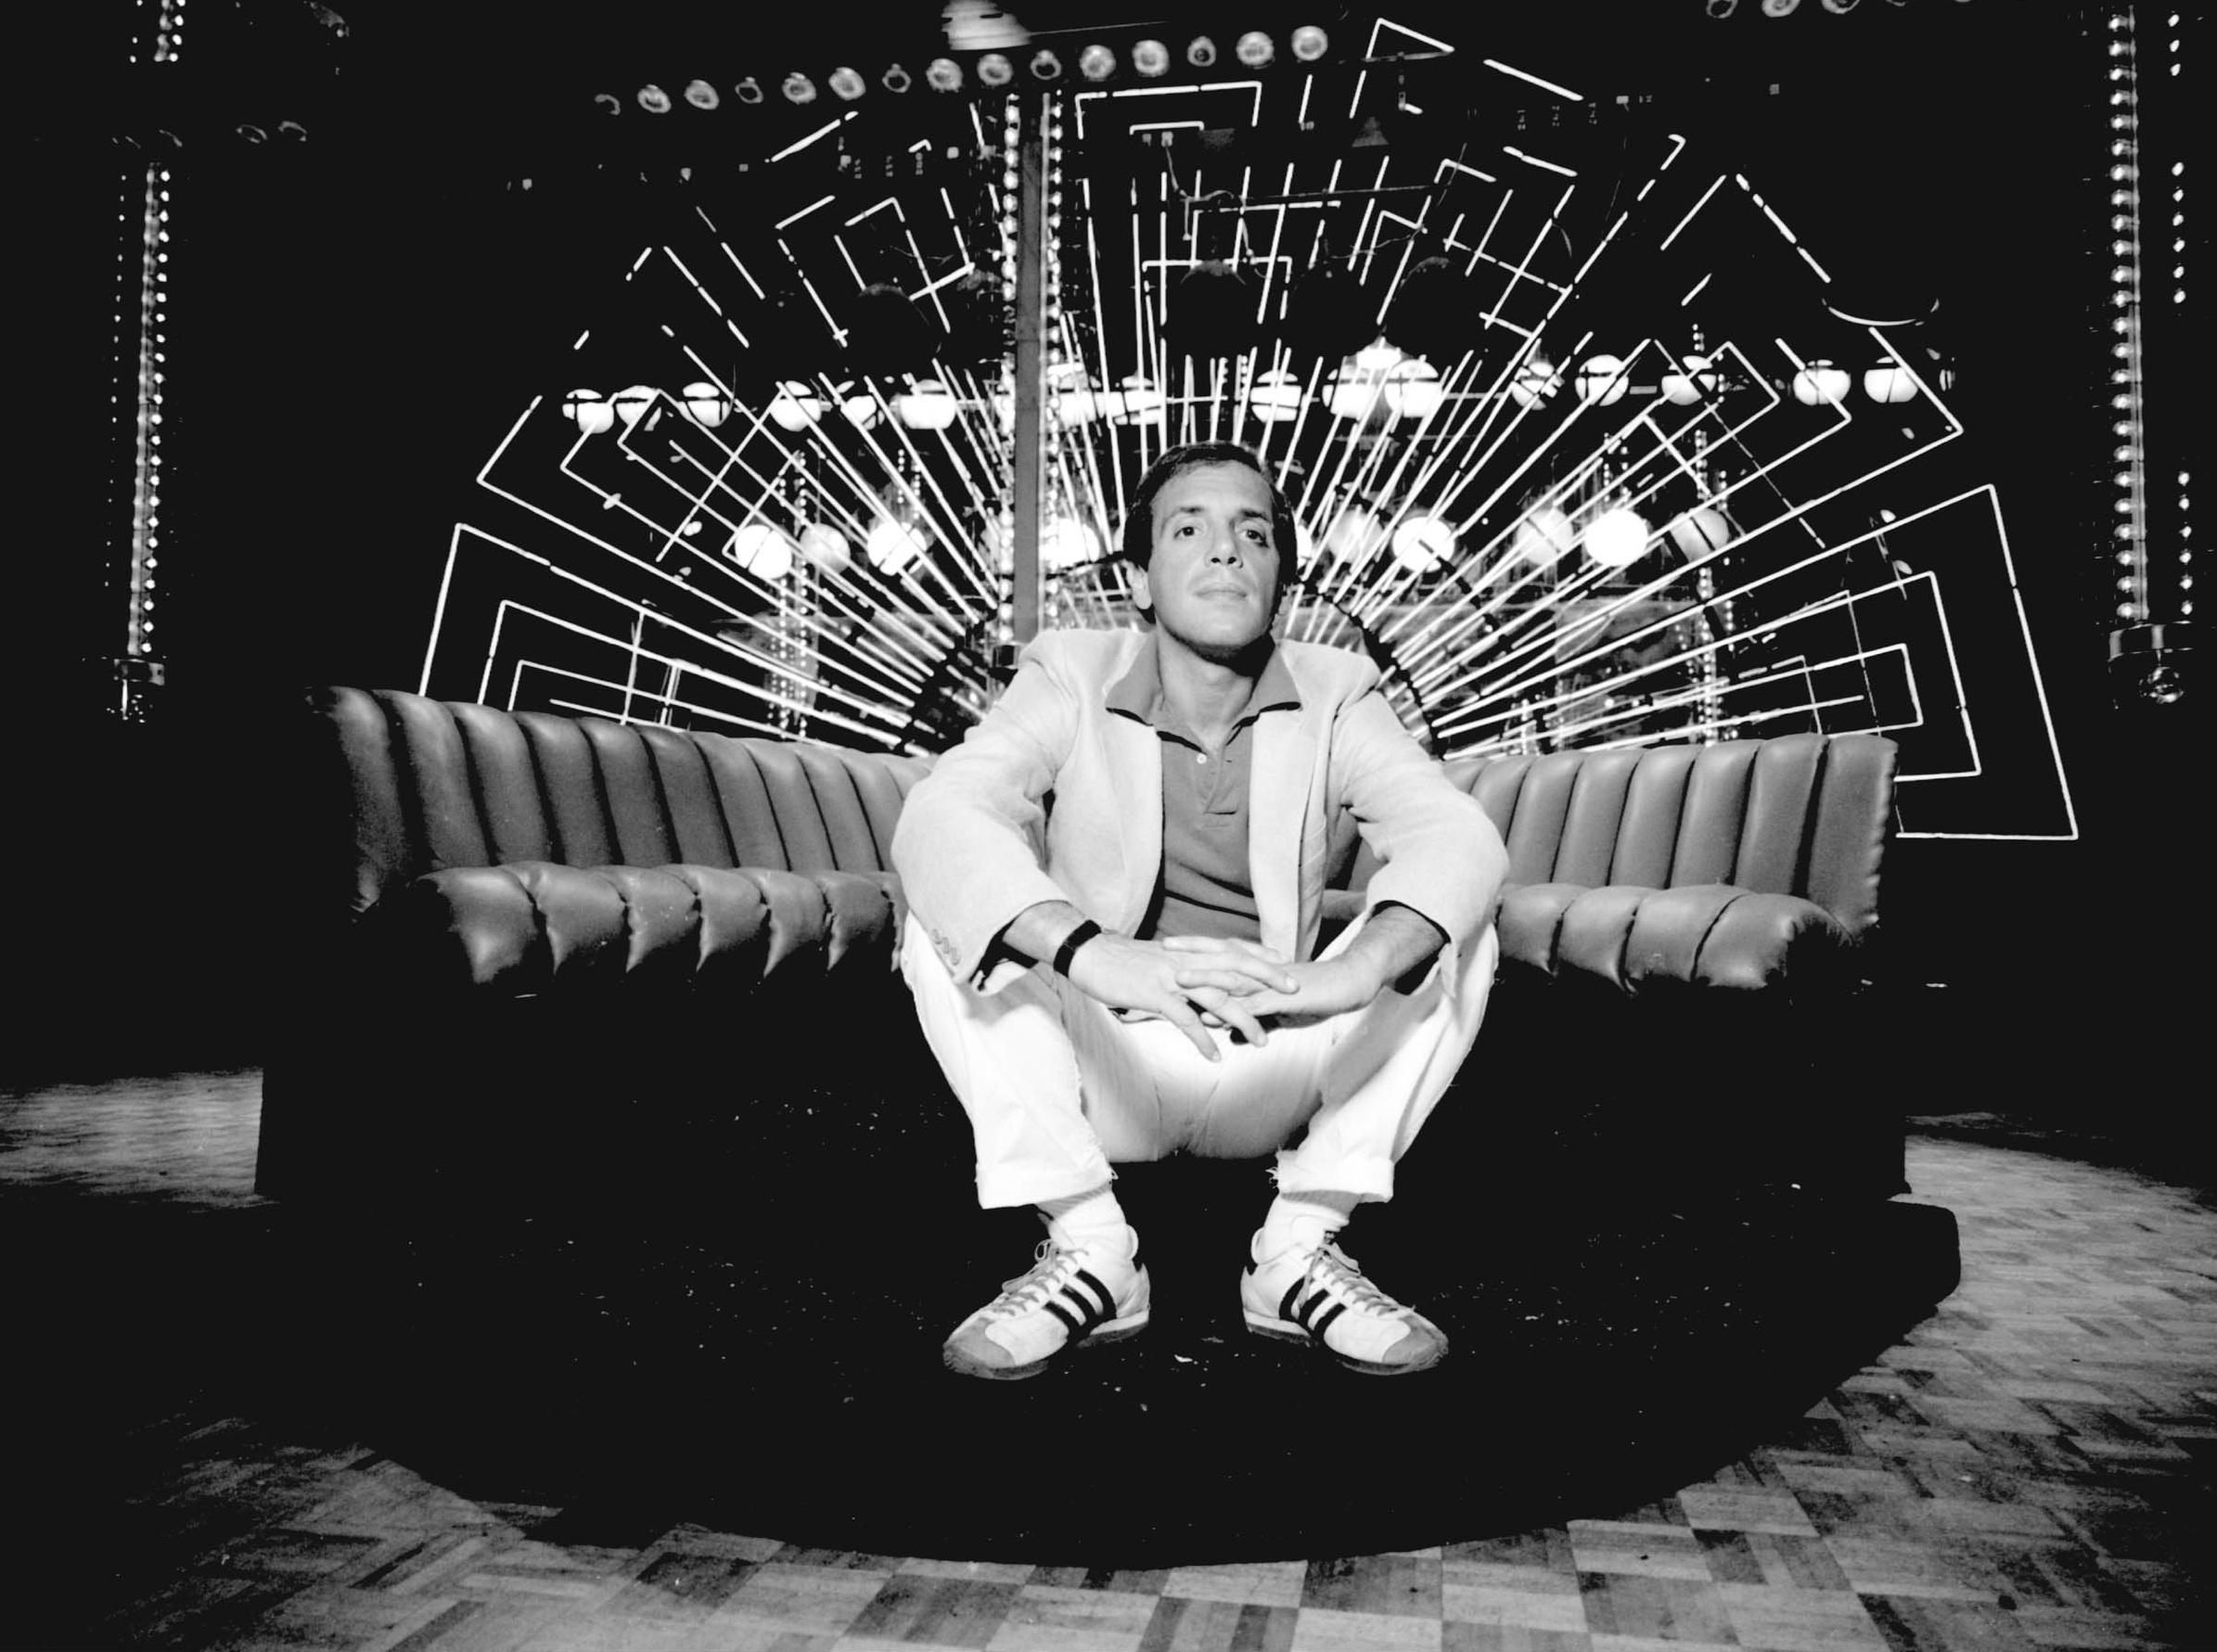 Studio-54-owner-Steve-Rubell-posed-photo-club.jpg